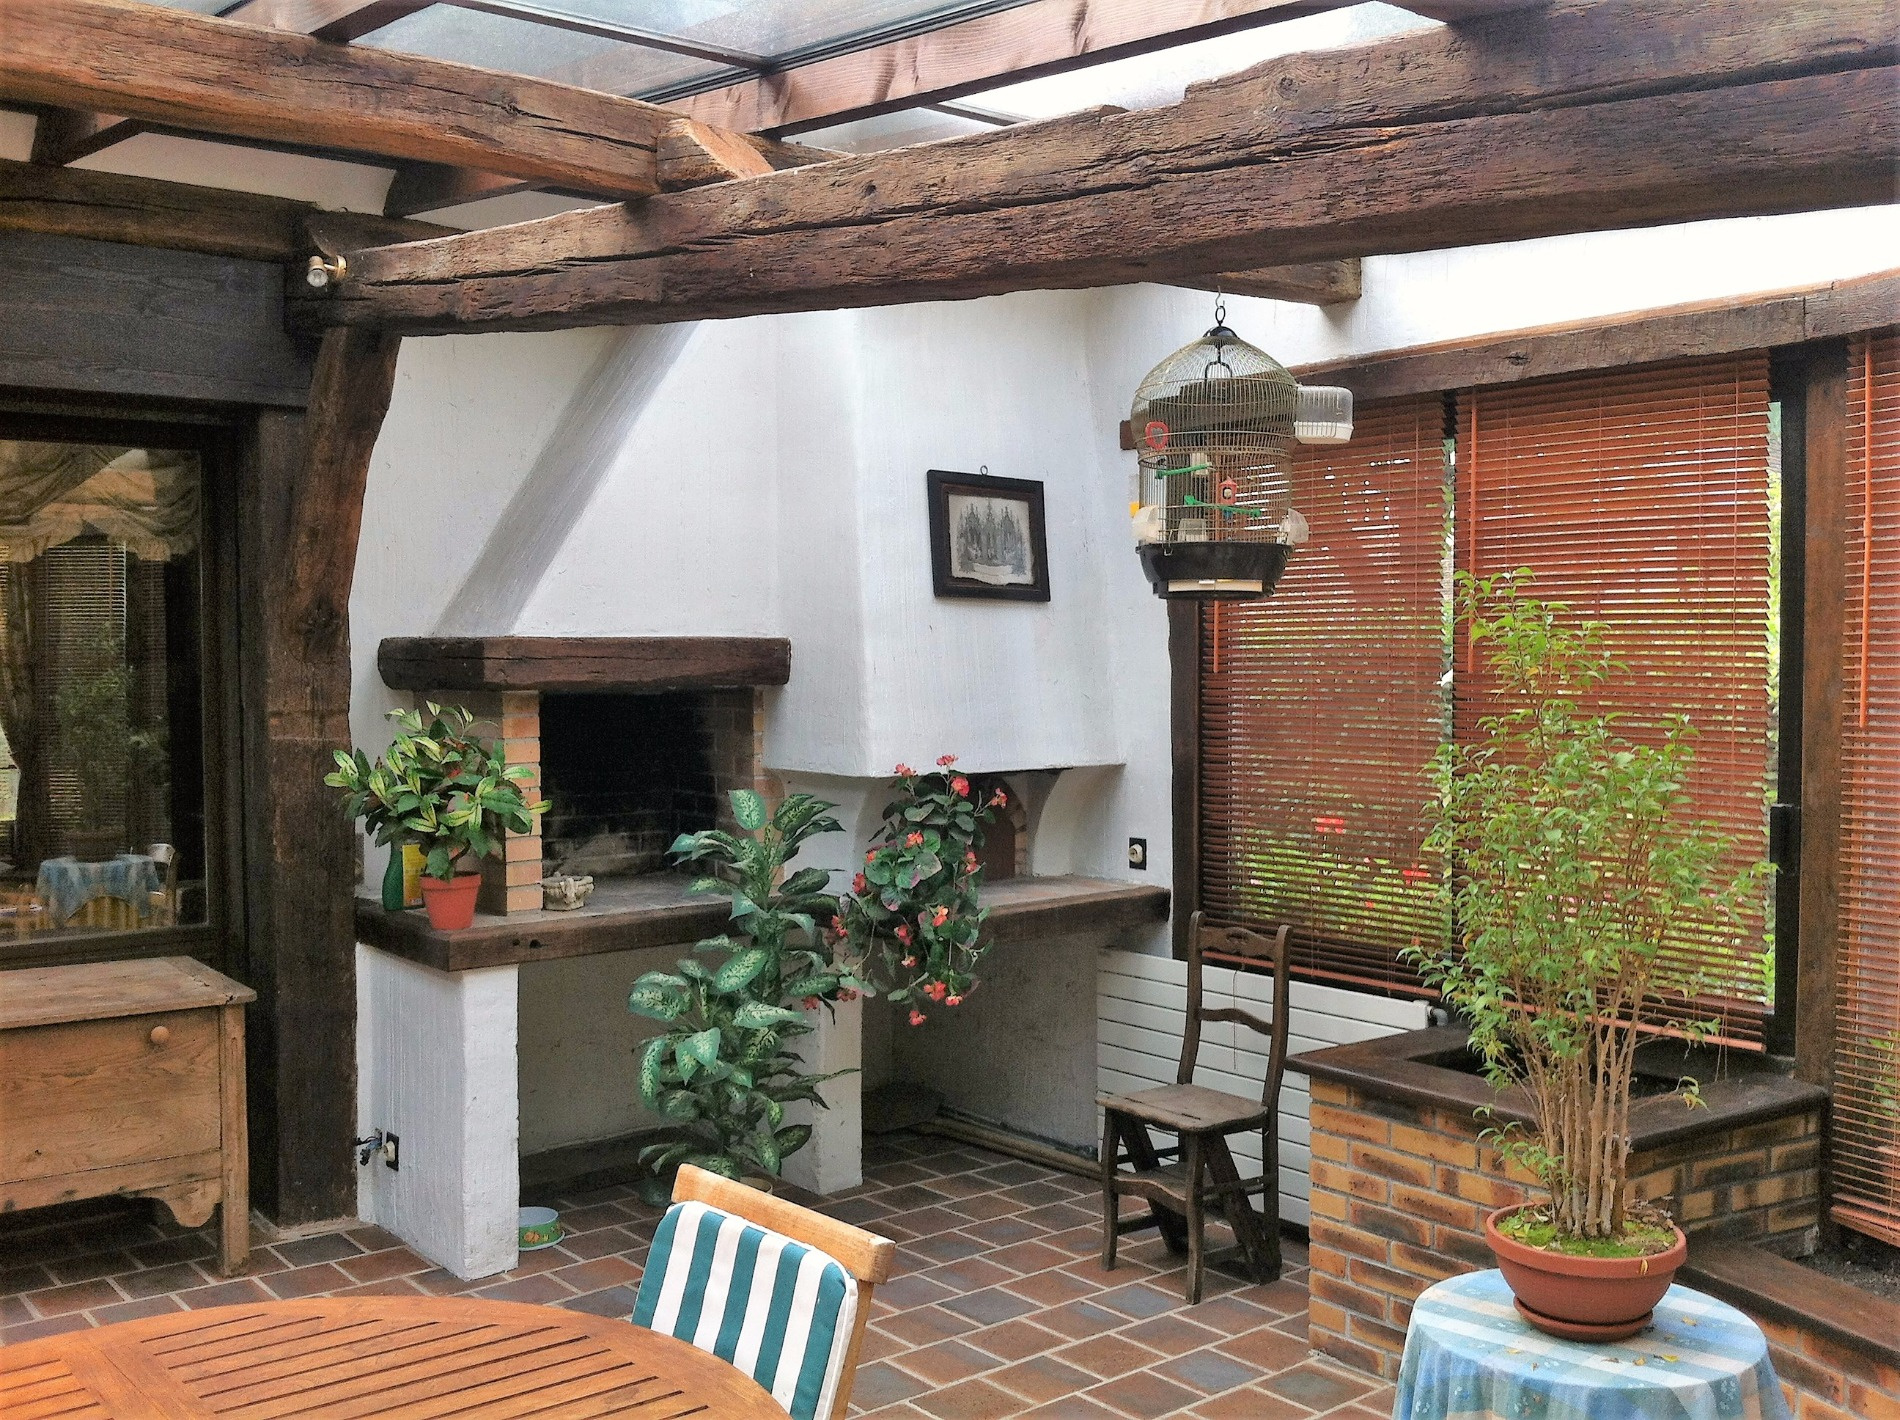 Propriete sur s sol total avec jardin paysage et studio ind for Garage ad meaux